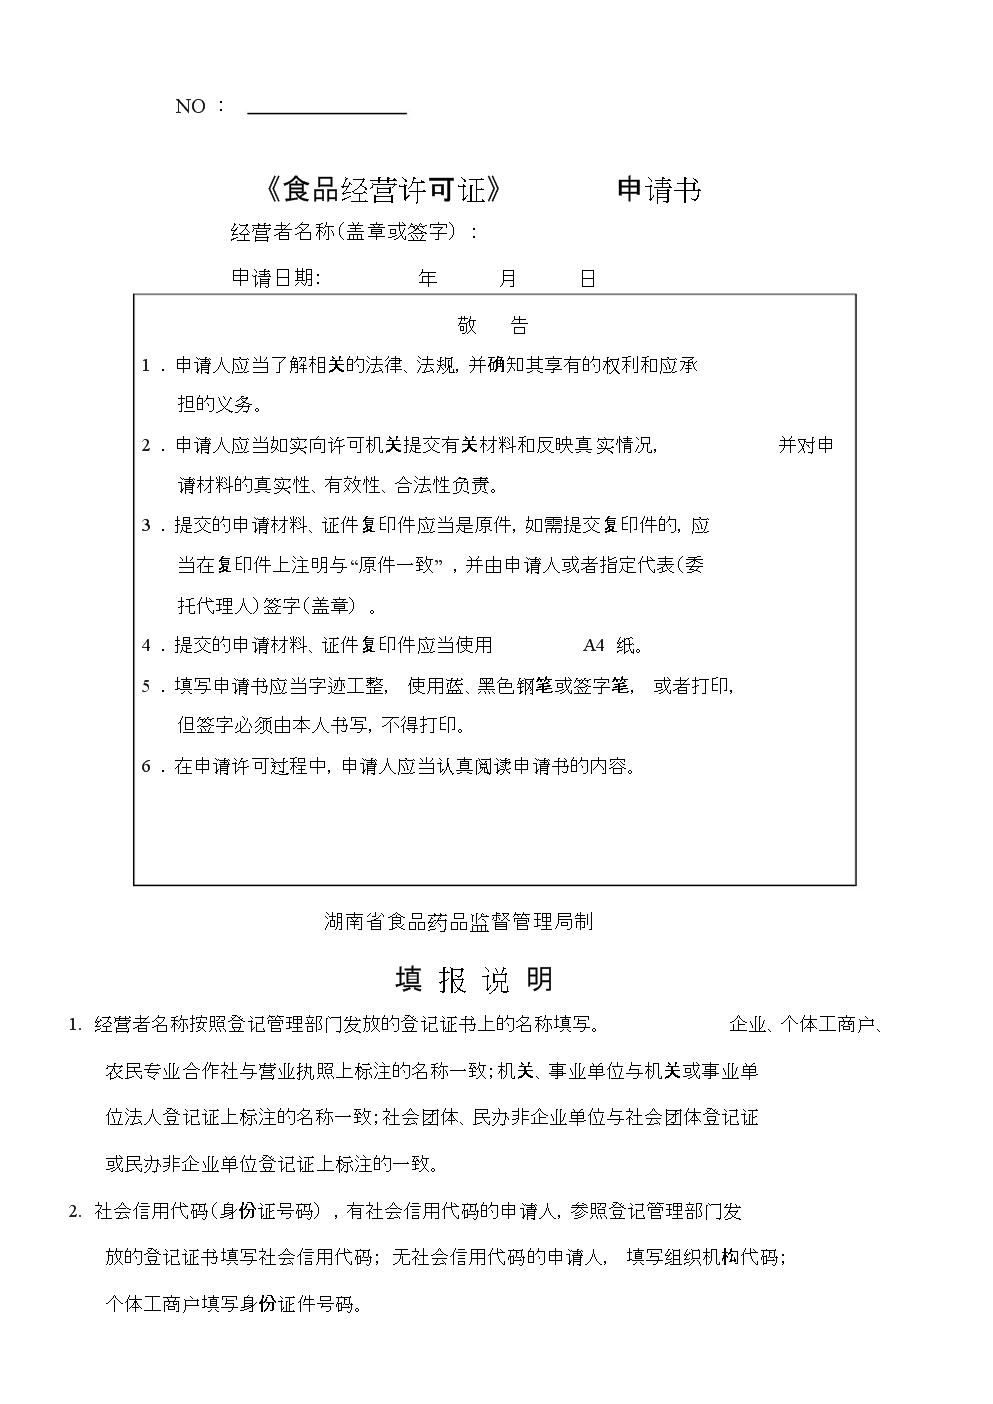 湖南省食品经营许可申请书.docx